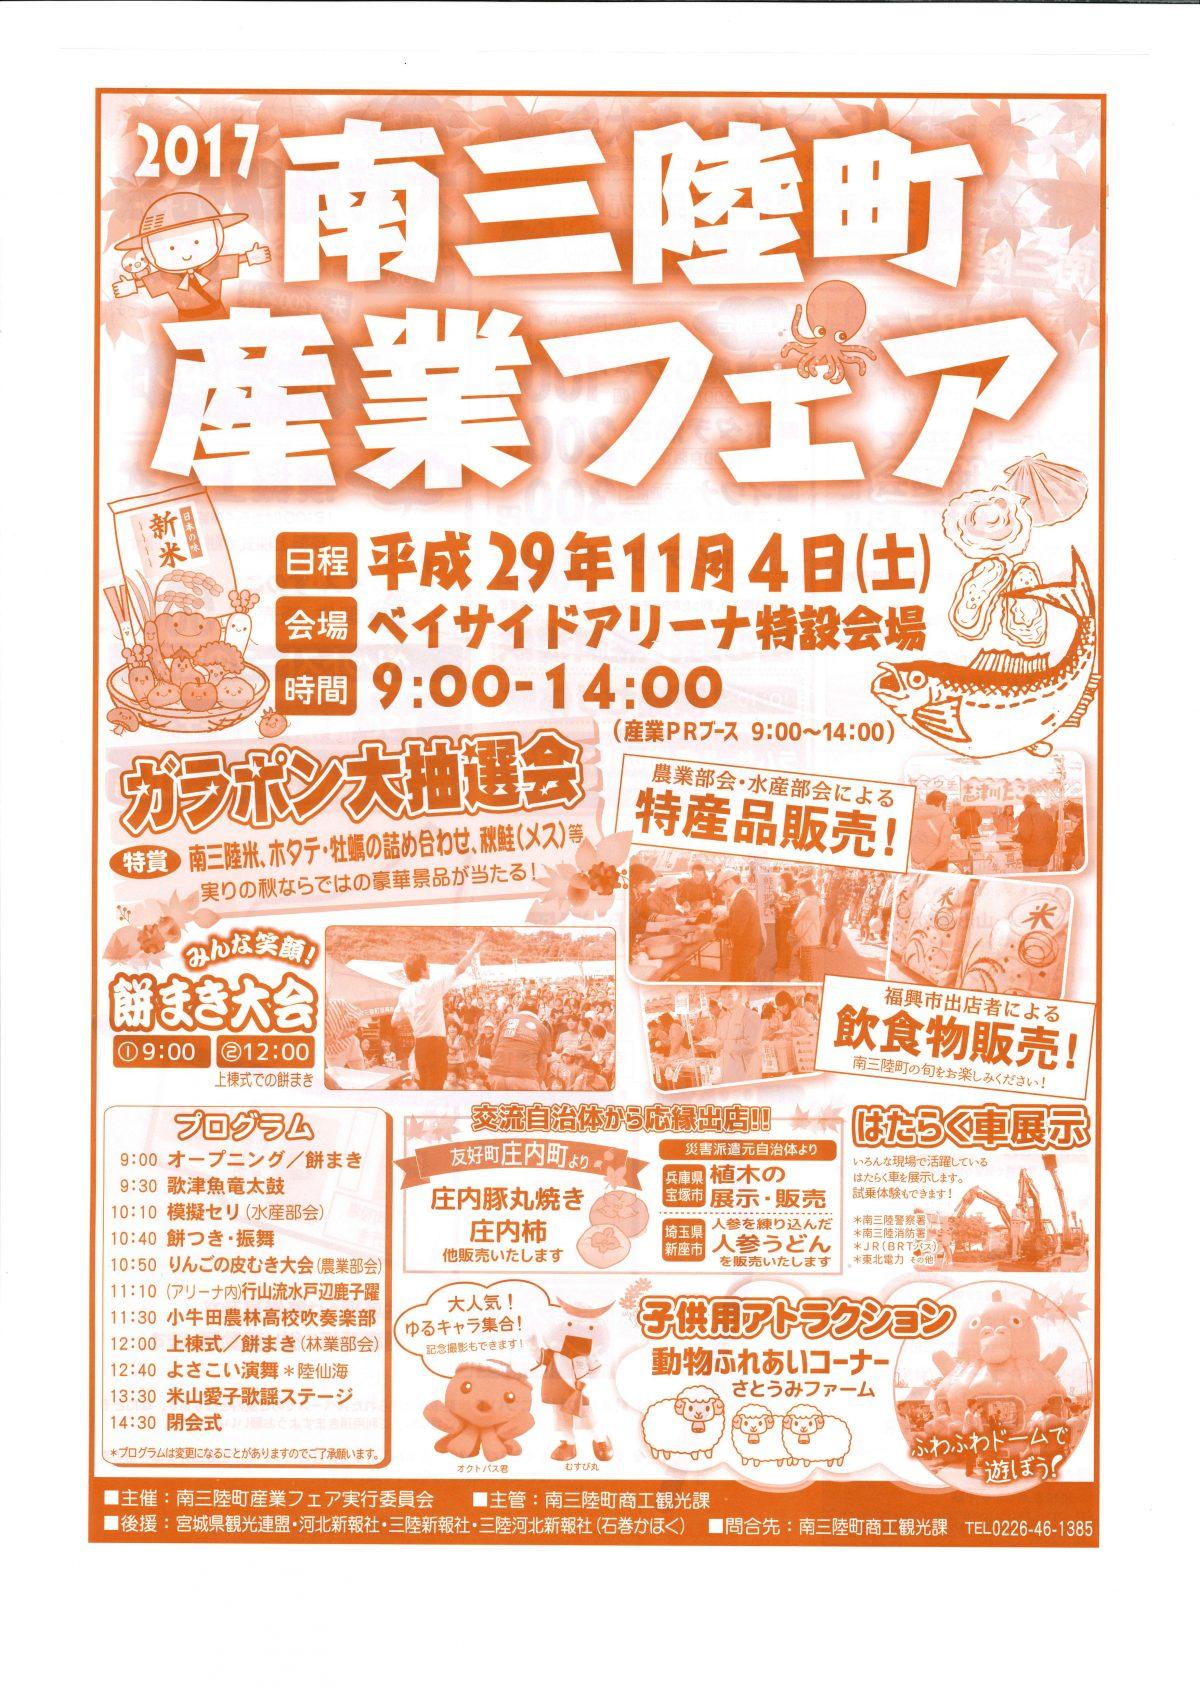 さんさん商店街のパネルを展示!明日11月4日(土)南三陸町産業フェア開催!